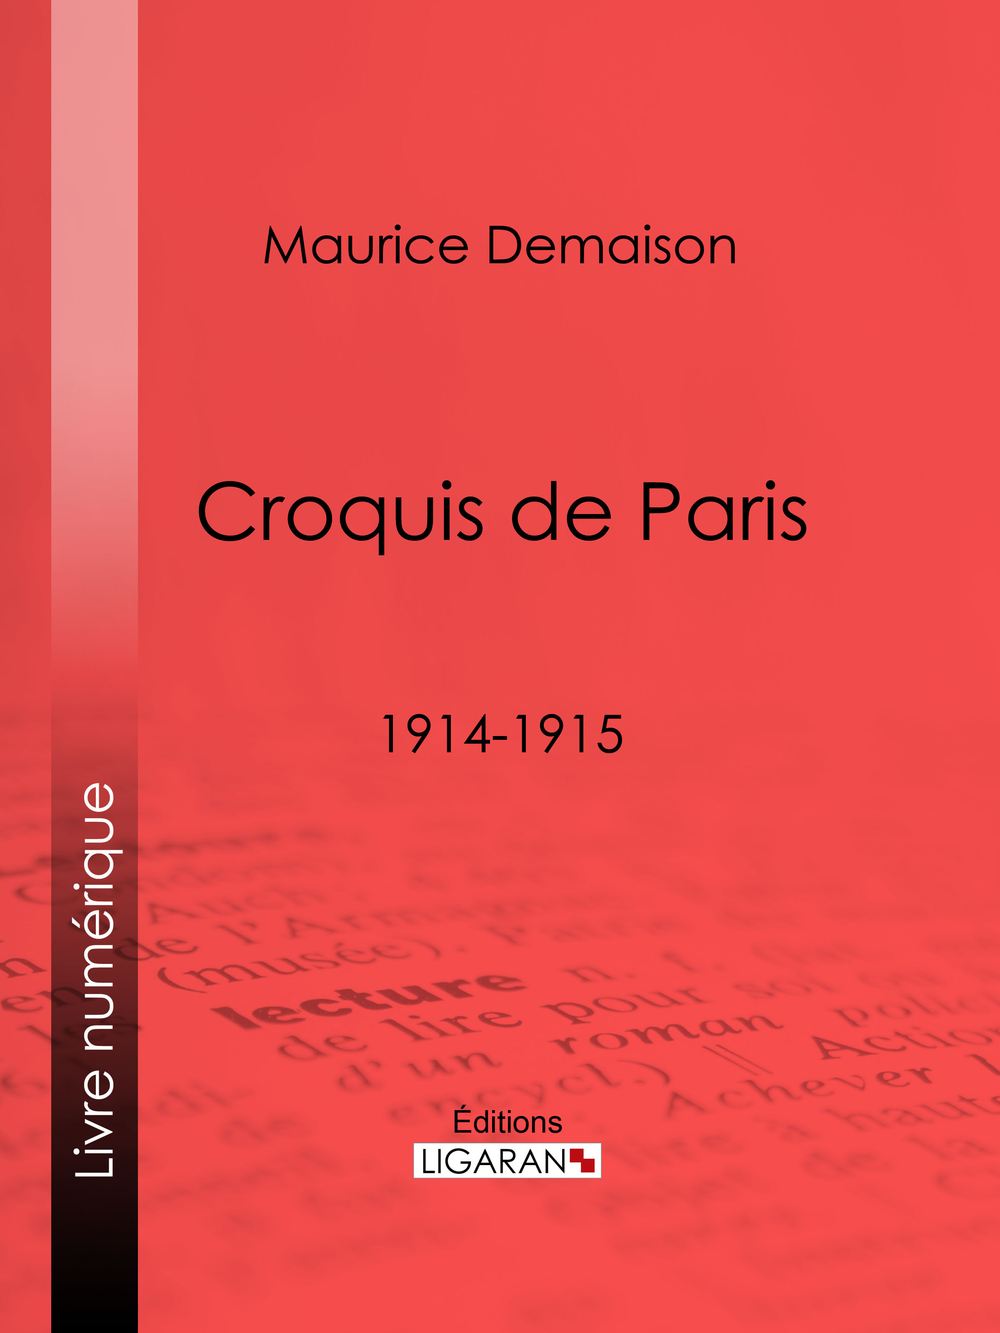 Croquis de Paris